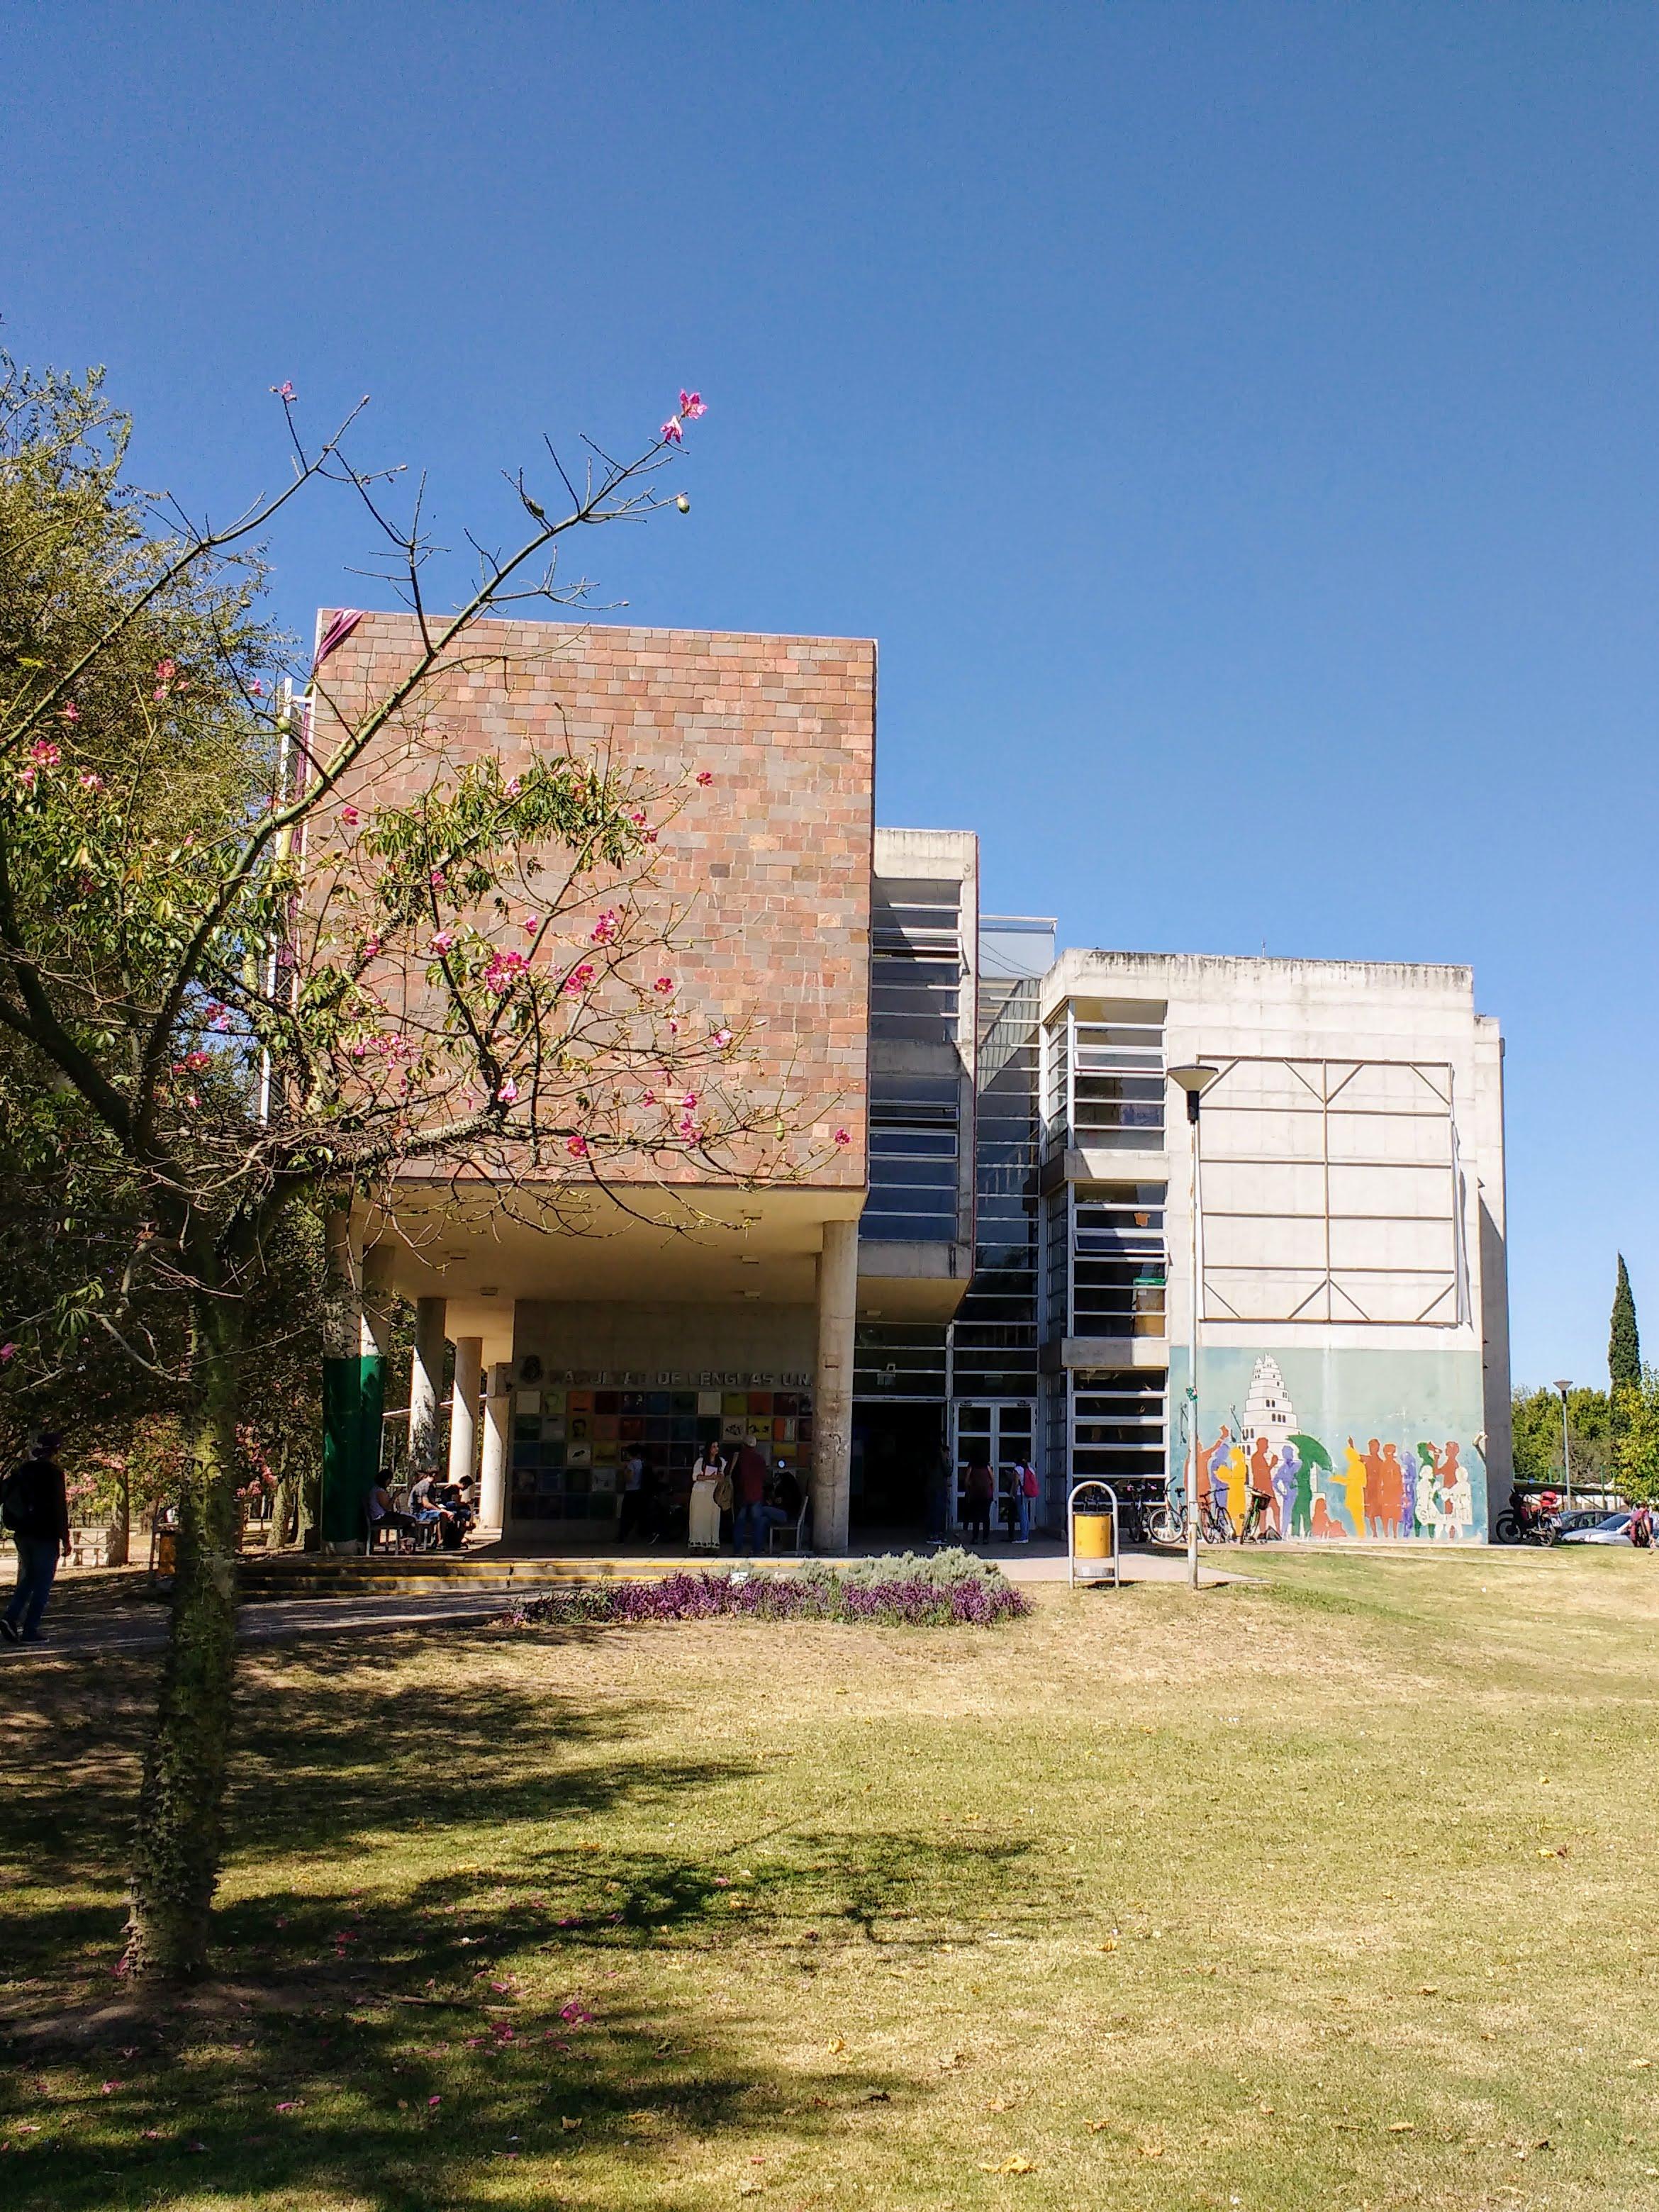 esquema tuyo Refrigerar  Facultad de Lenguas (Universidad Nacional de Córdoba) - Wikipedia, la  enciclopedia libre